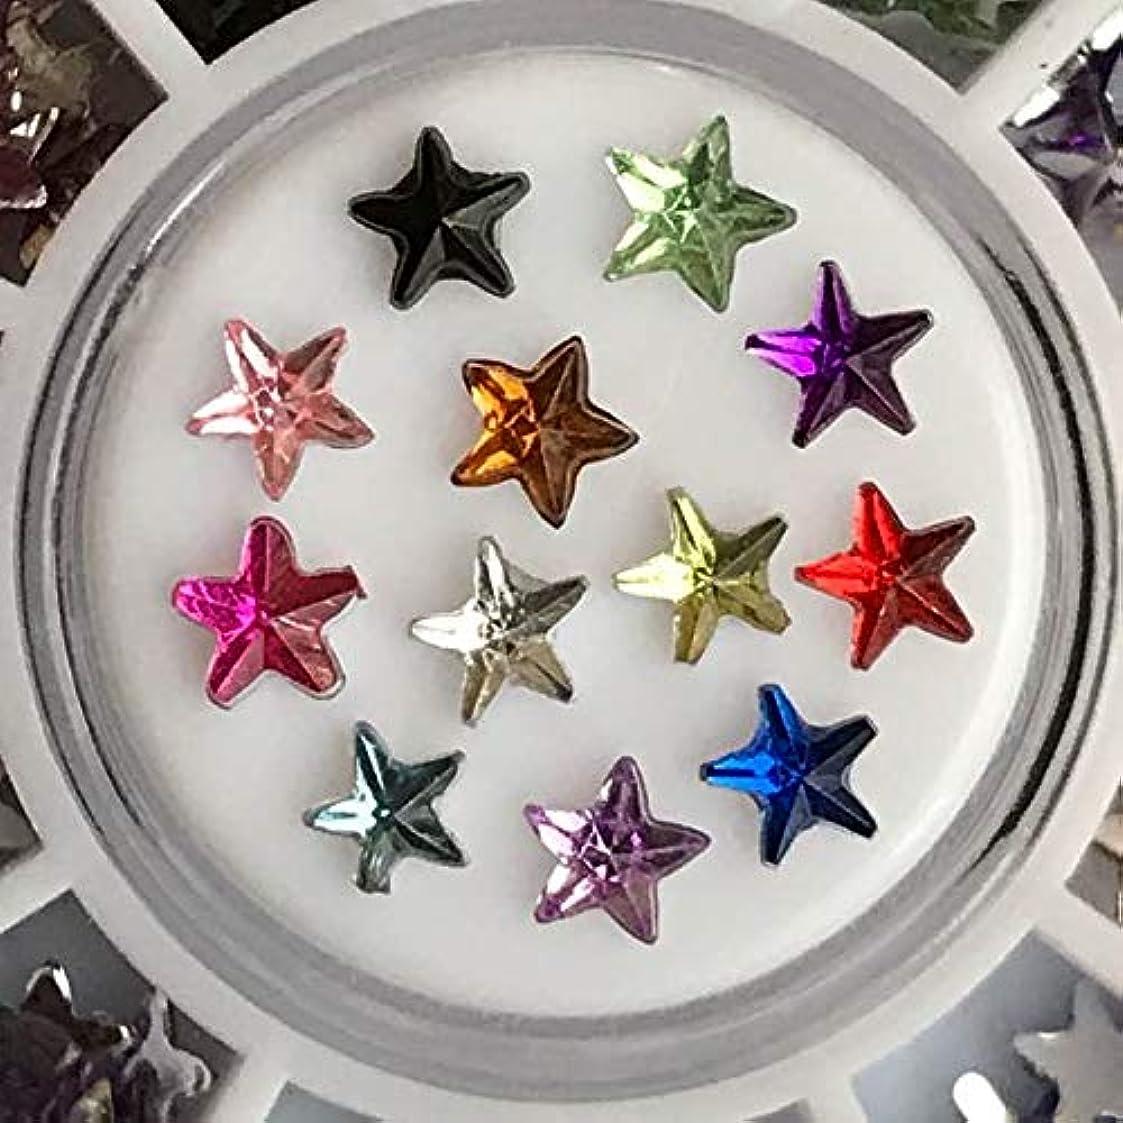 スカイセグメントびっくりしたアクリルラインストーン12色セットネイル用DIYアクセサリーハンドメイド素材パーツ (スター星型)